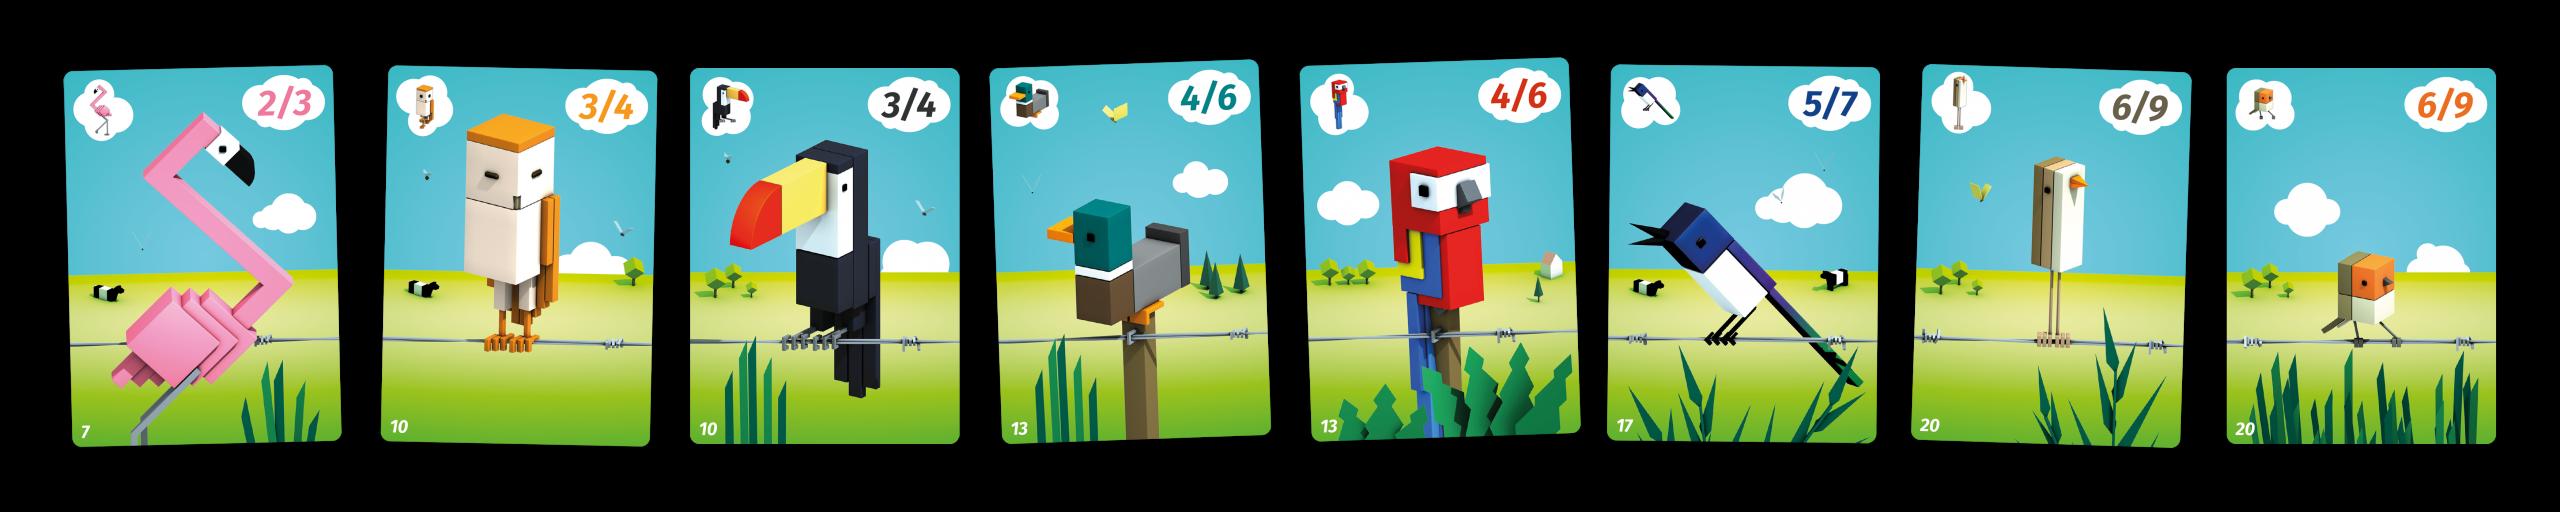 cubirds_cartes_all.png